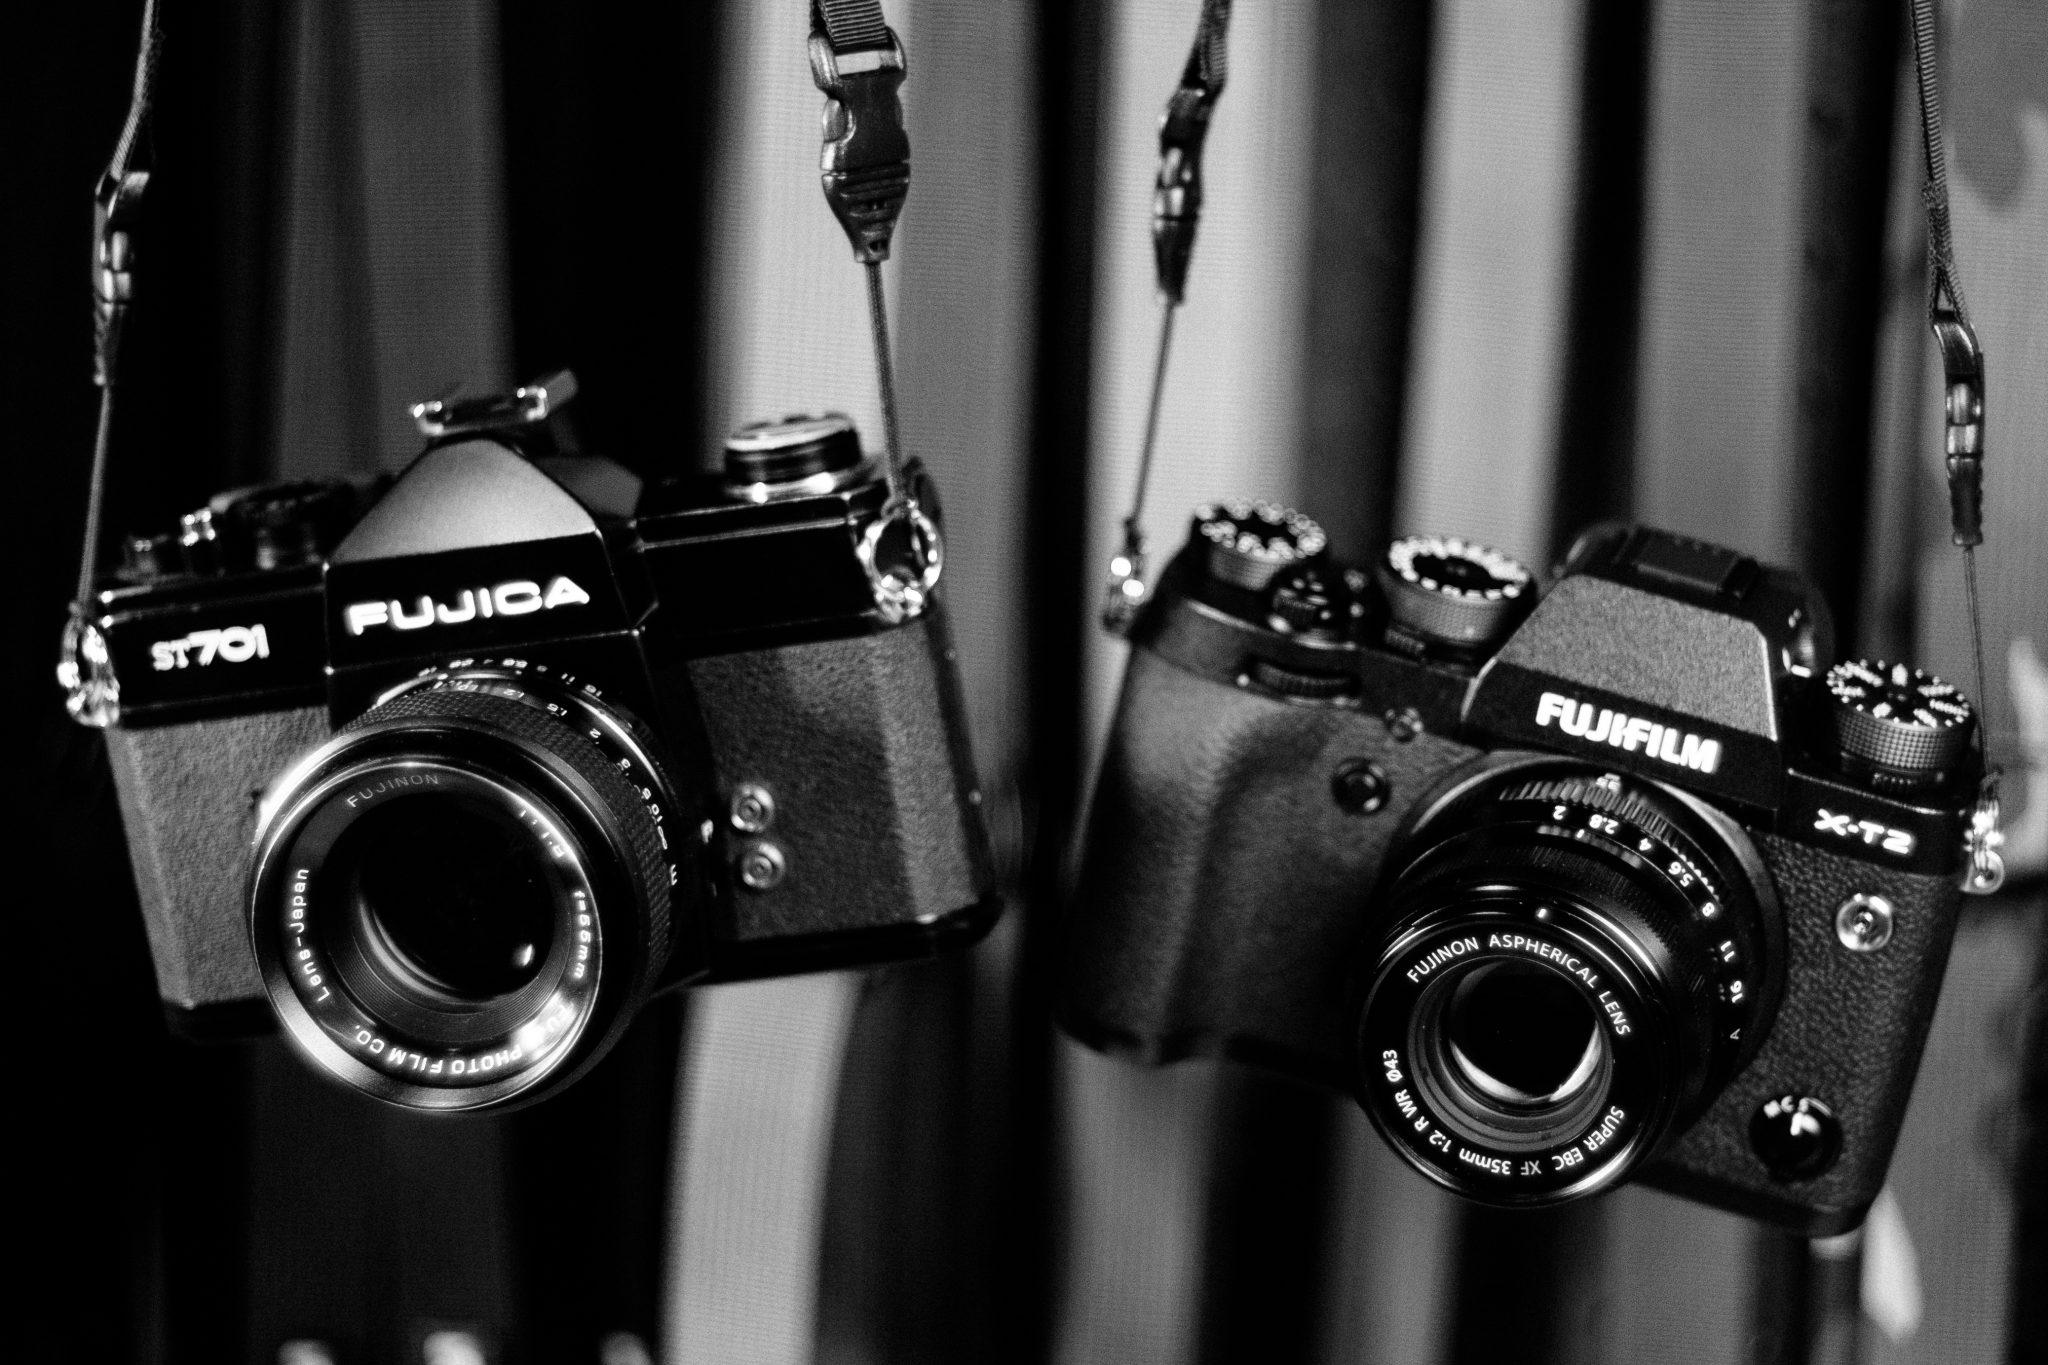 Fujica ST701 ir Fujifilm X-T2